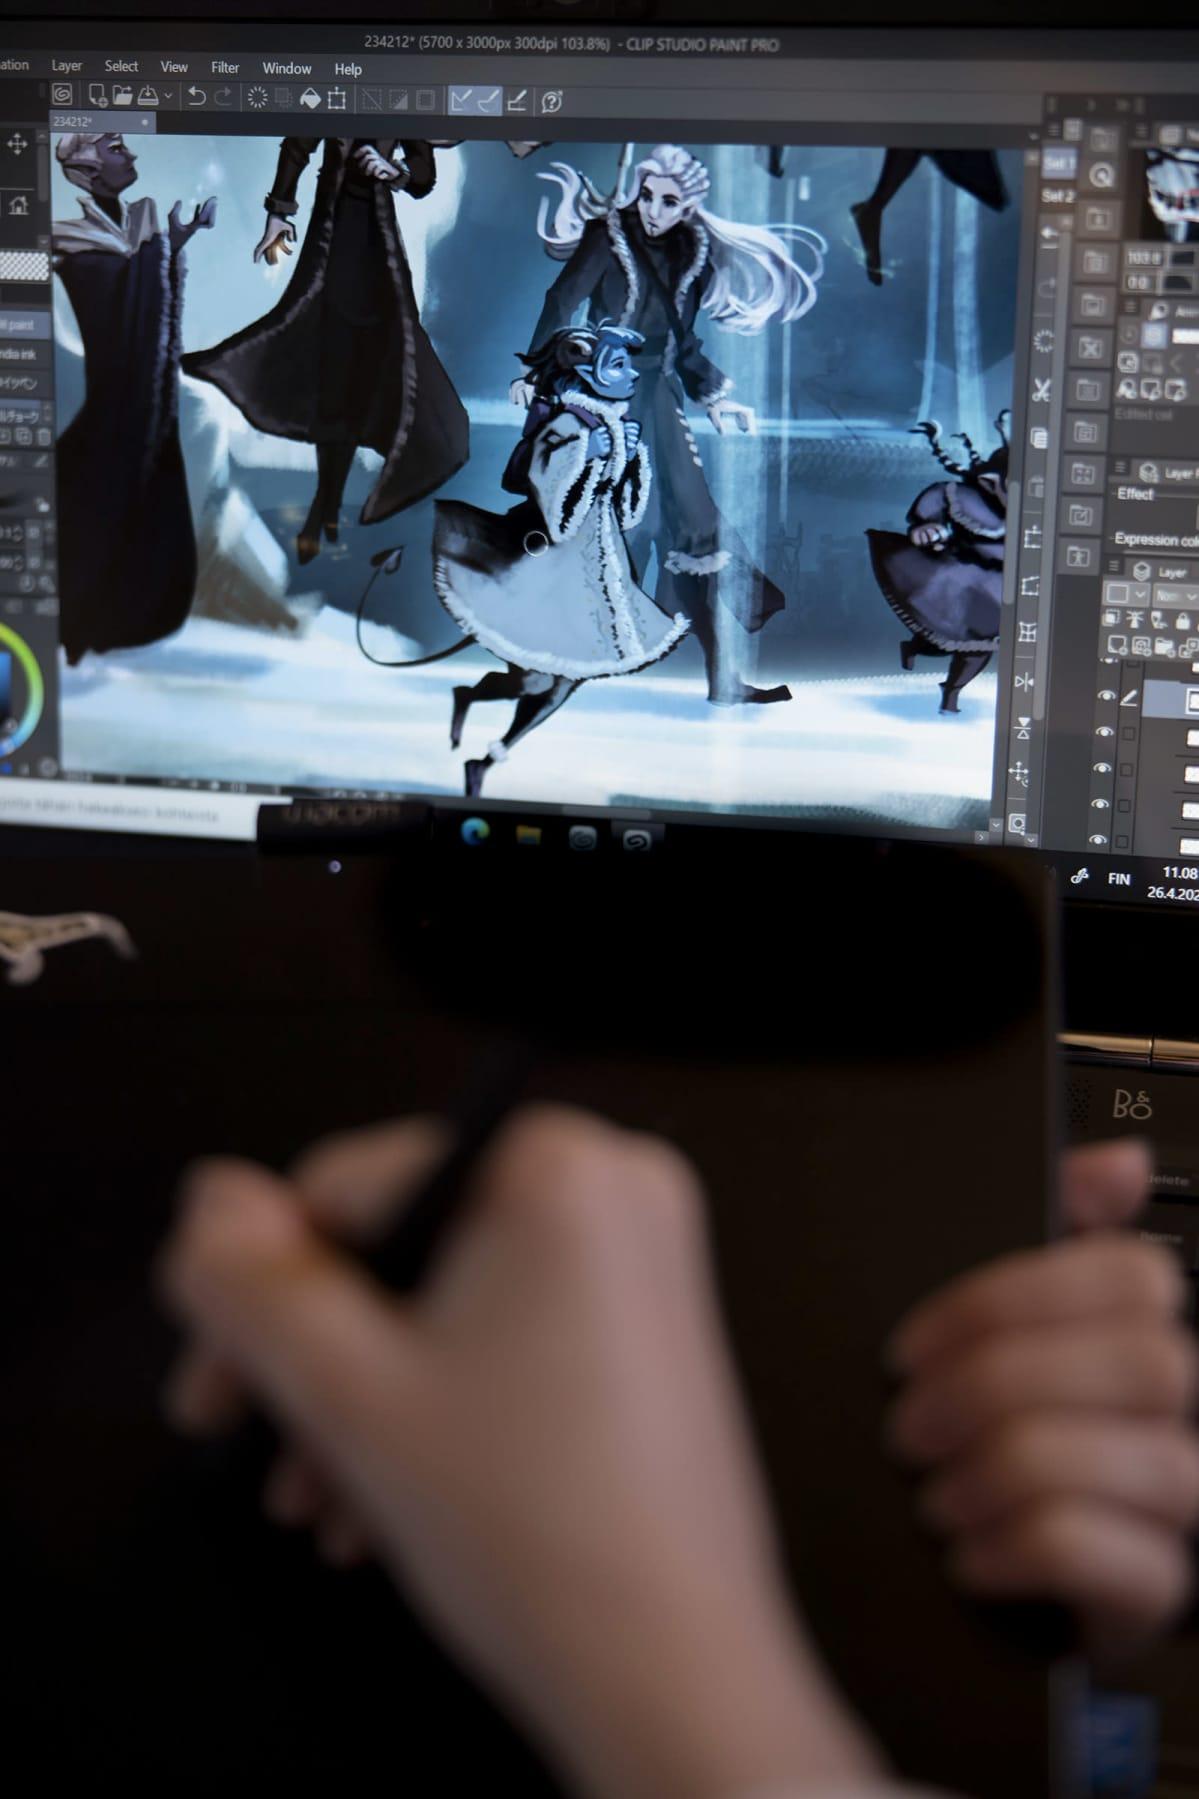 Tietokoneen ruudulla näkyy piirtopöydällä piirrettäviä hahmoja.